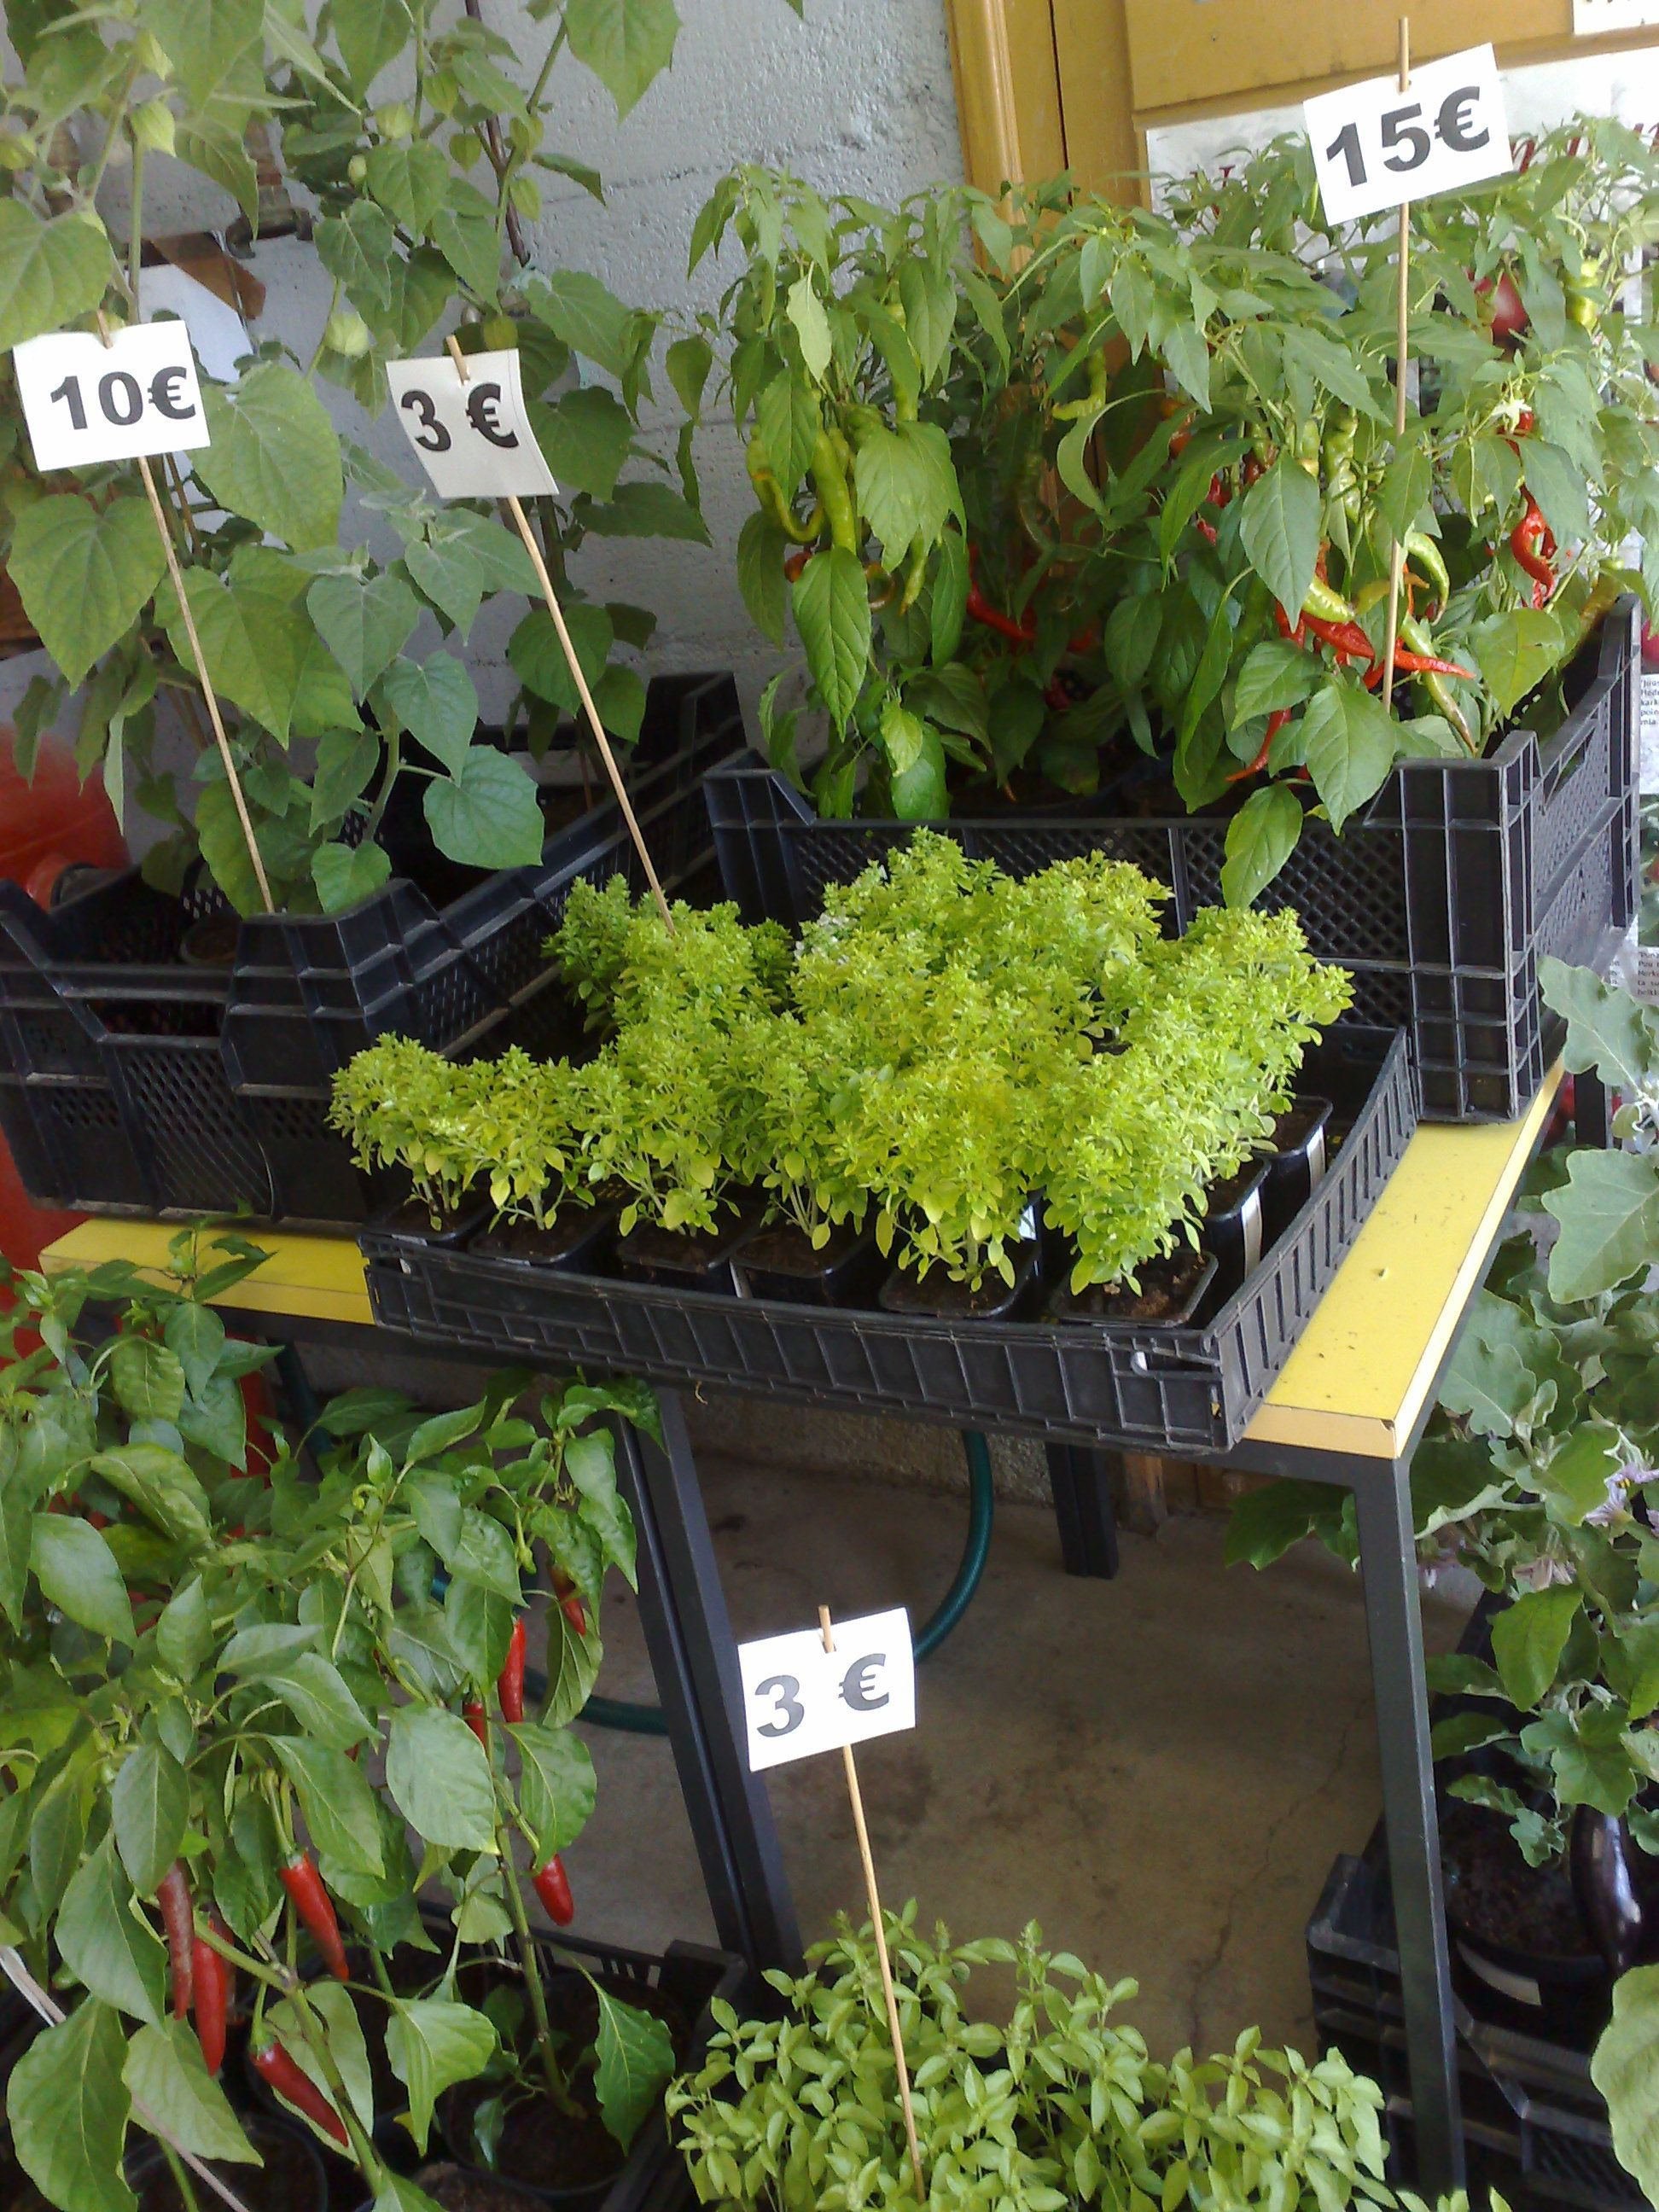 Puutarhuri osaa hinnoitella tuotteet